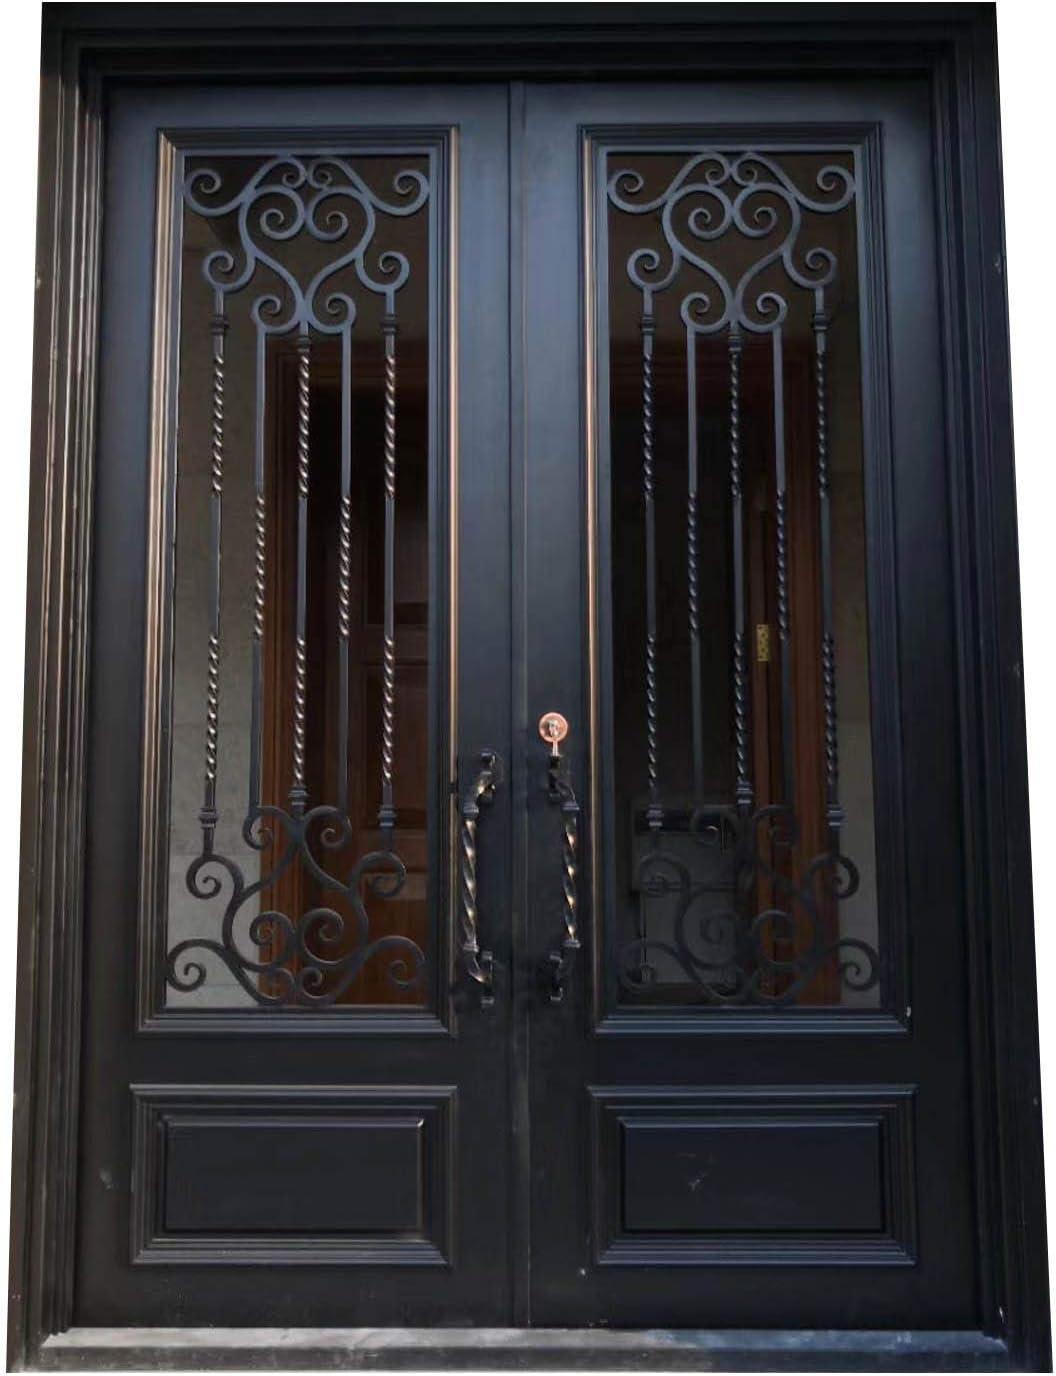 Puertas de hierro forjado doble exterior entrada frontal doble hierro forjado puerta de cristal: Amazon.es: Bricolaje y herramientas